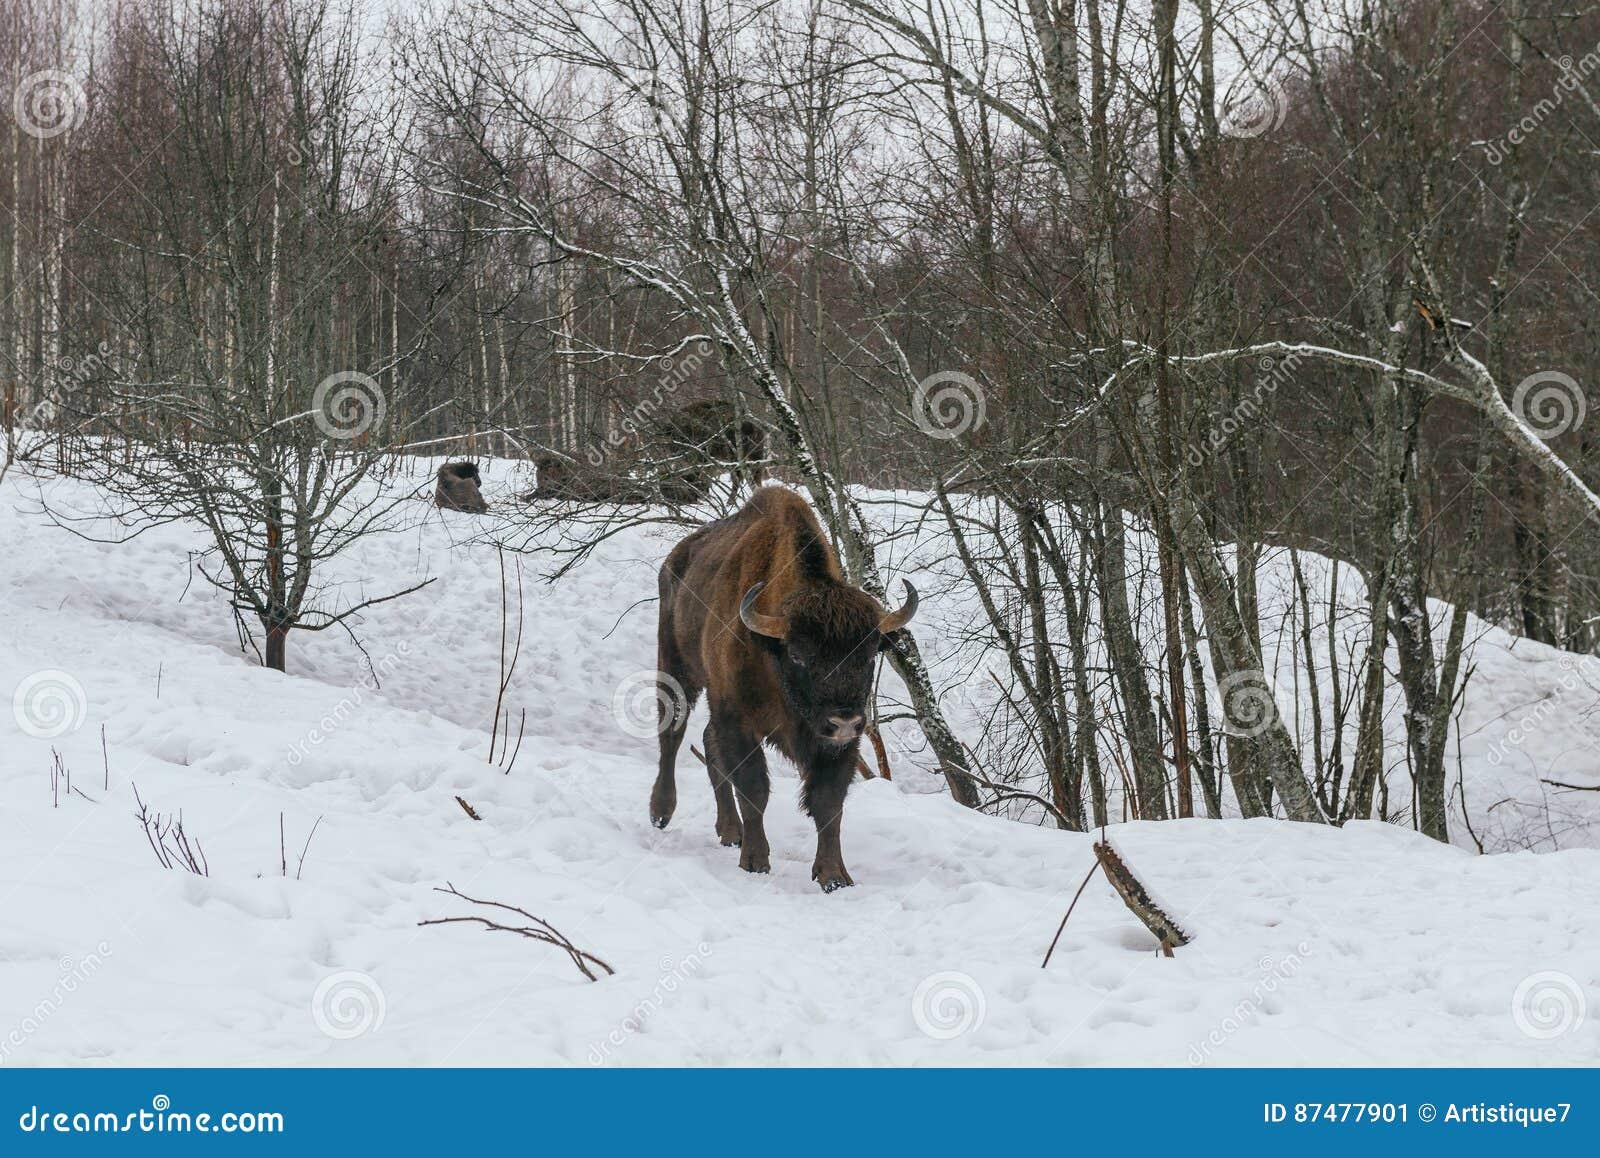 Взрослый европейский бизон в национальном парке